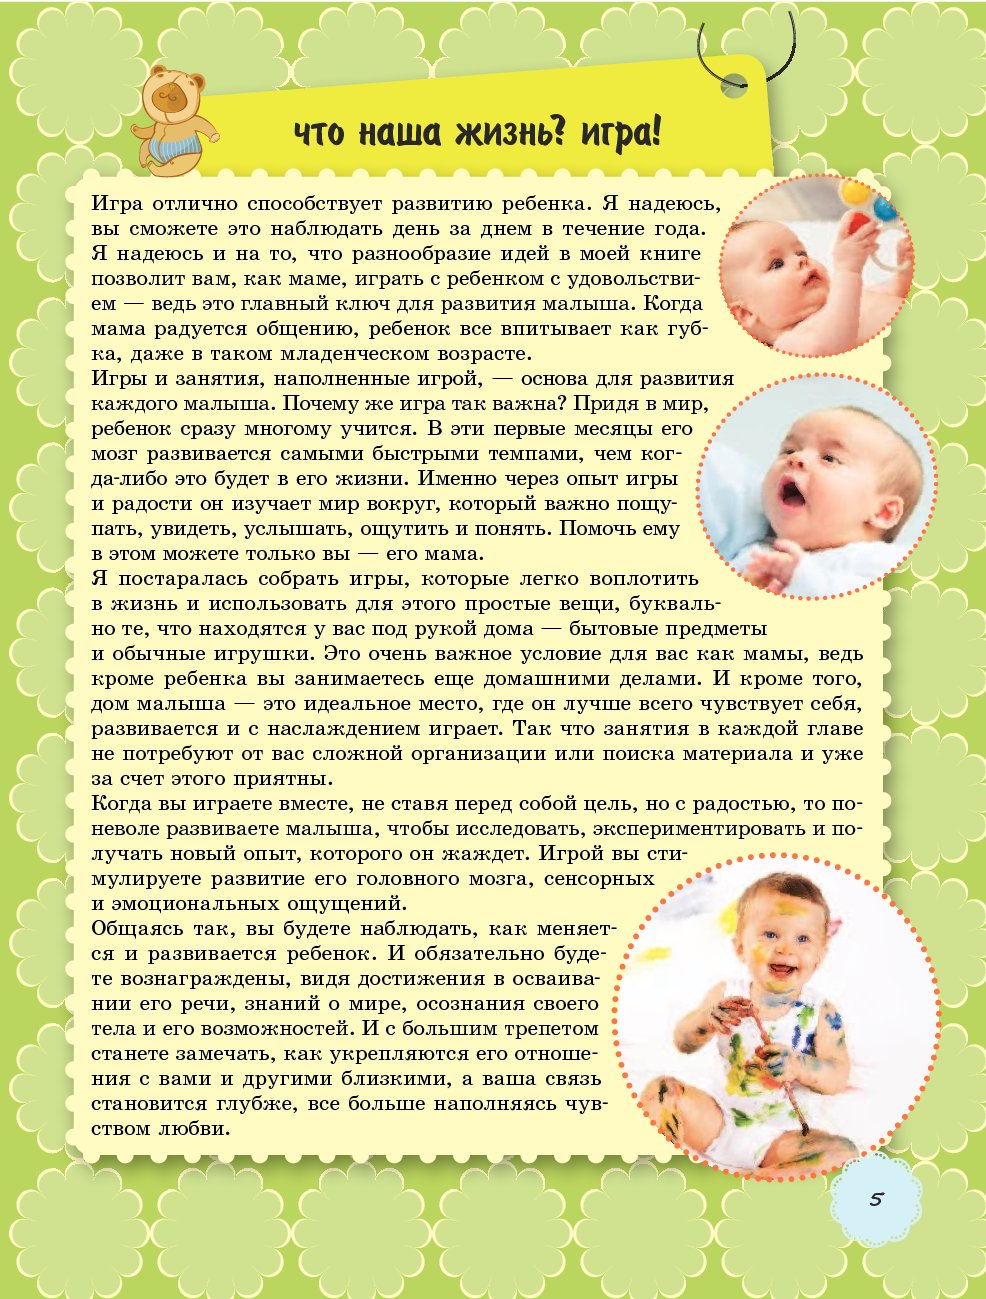 Второй месяц жизни новорожденного ребенка: развитие, вес, уход